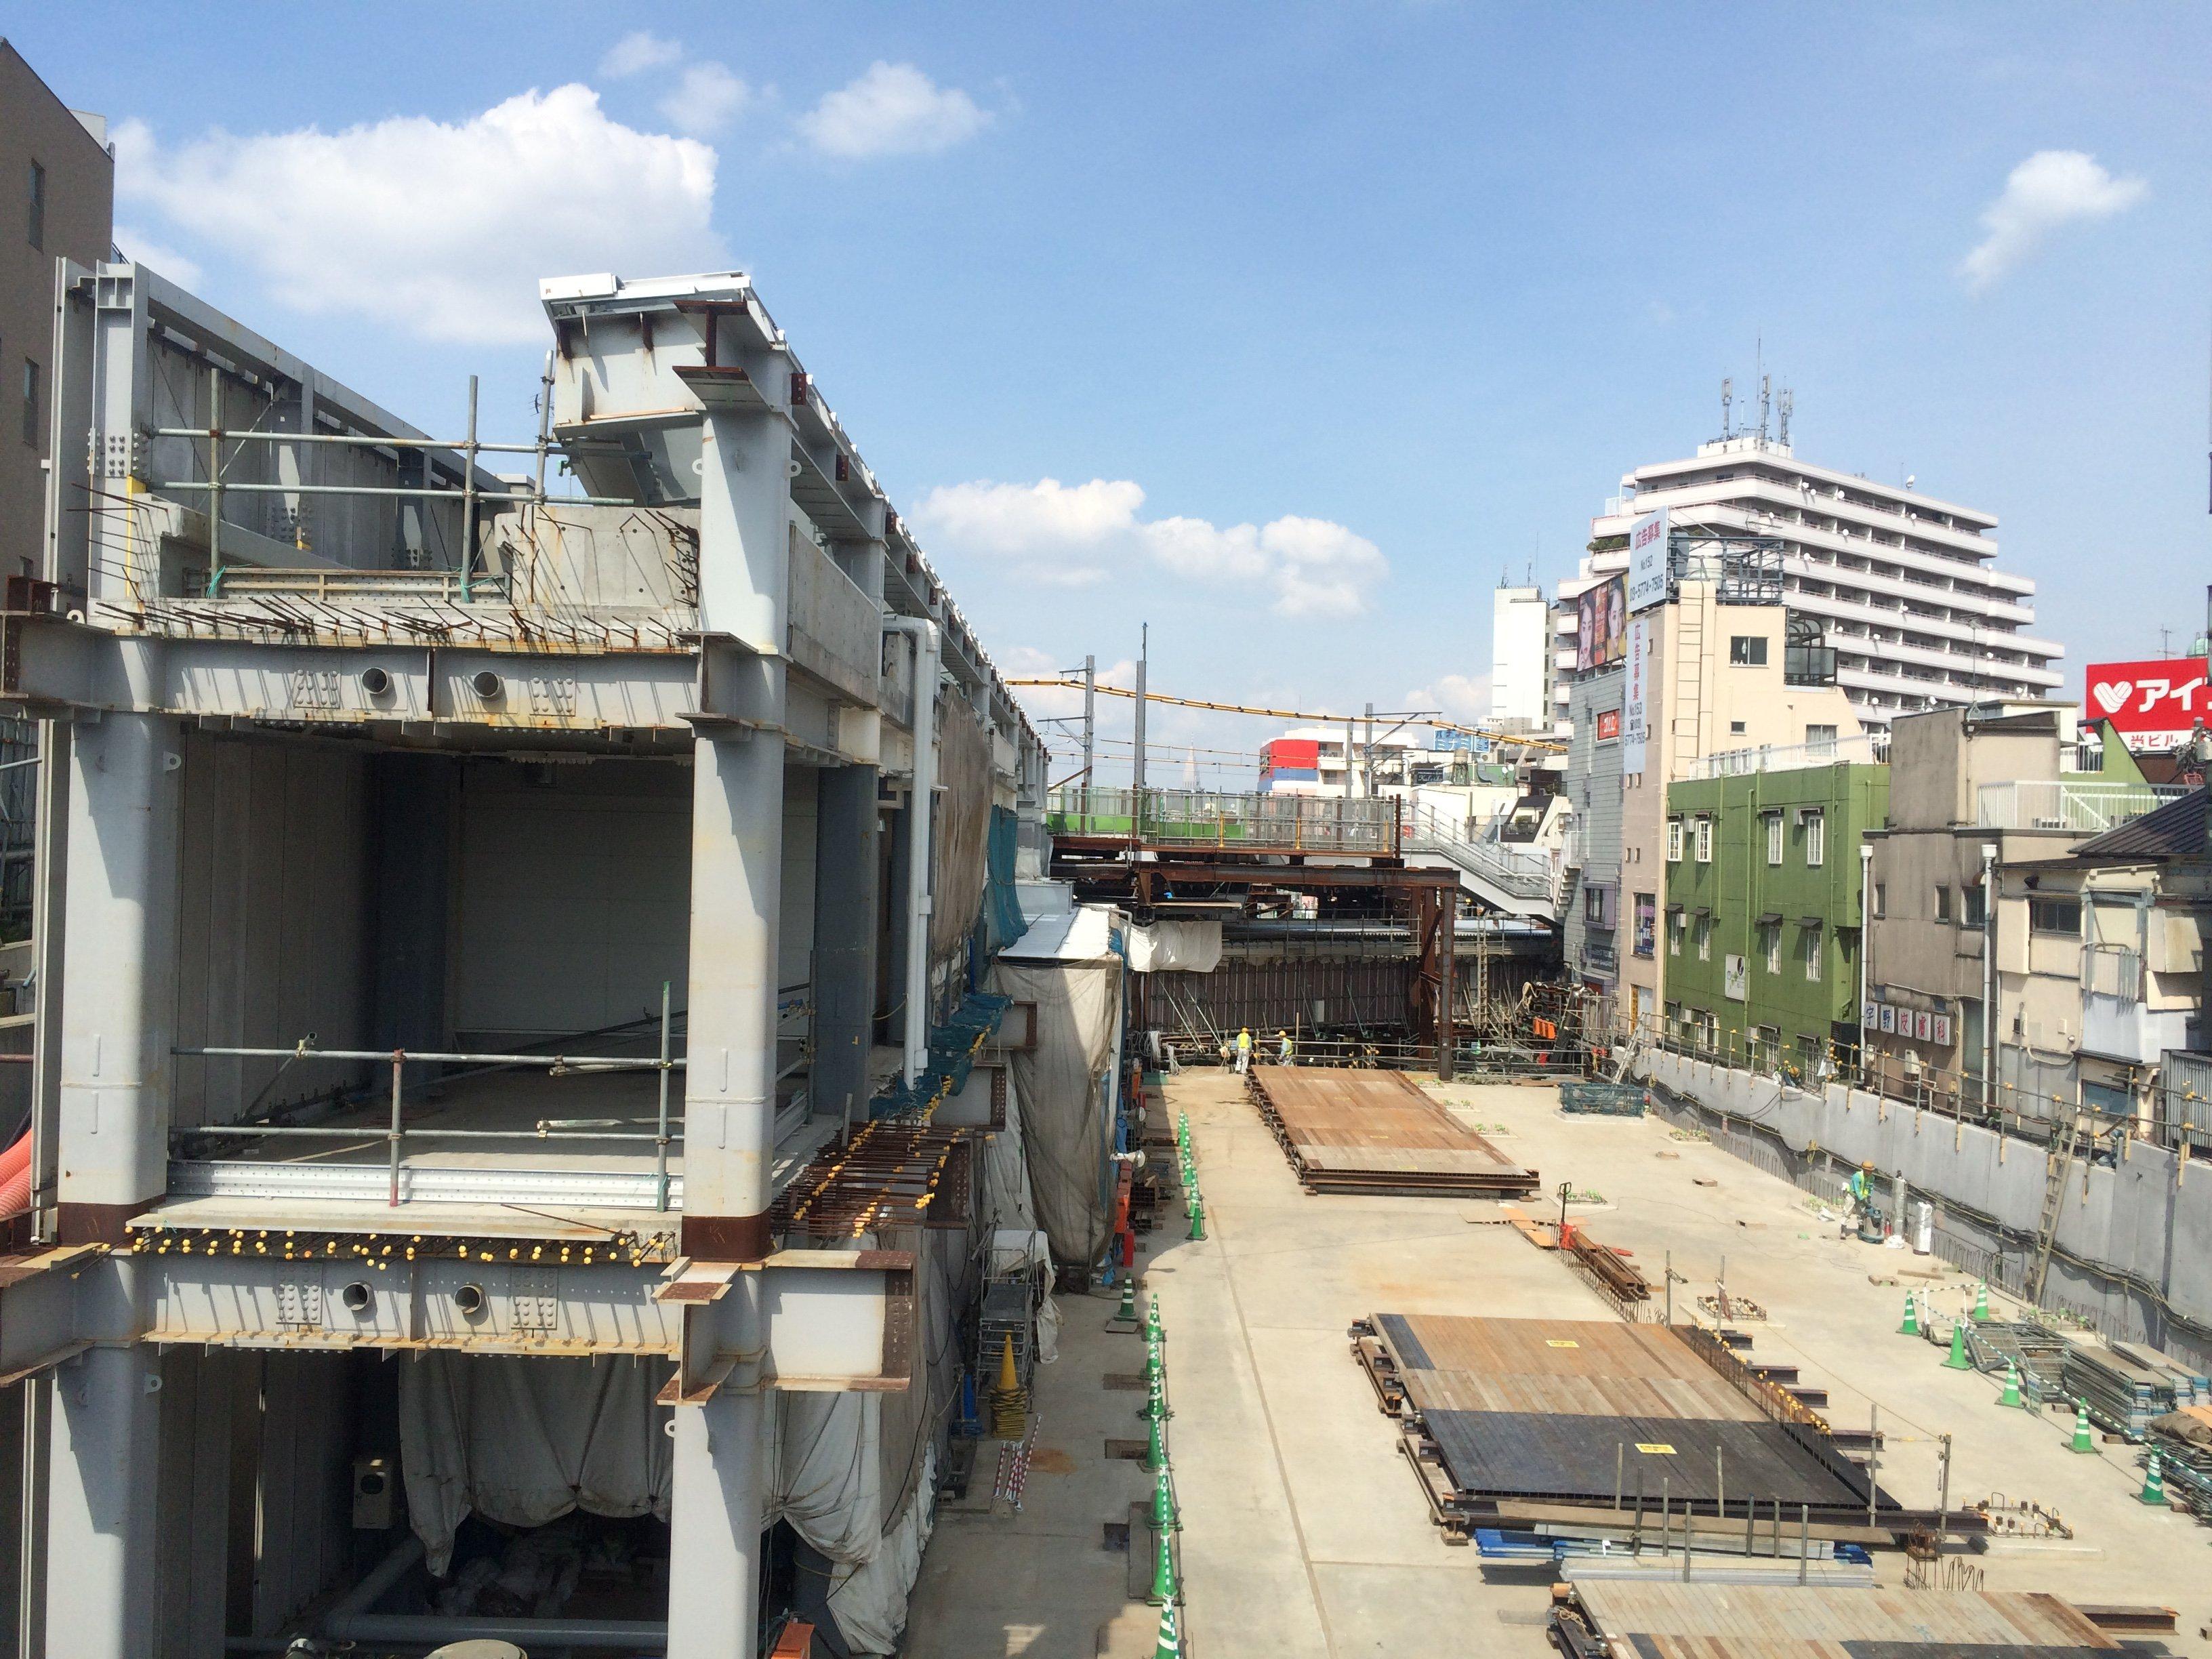 2015年4月末現在の下北沢駅(下北沢コルティ(仮称))工事状況